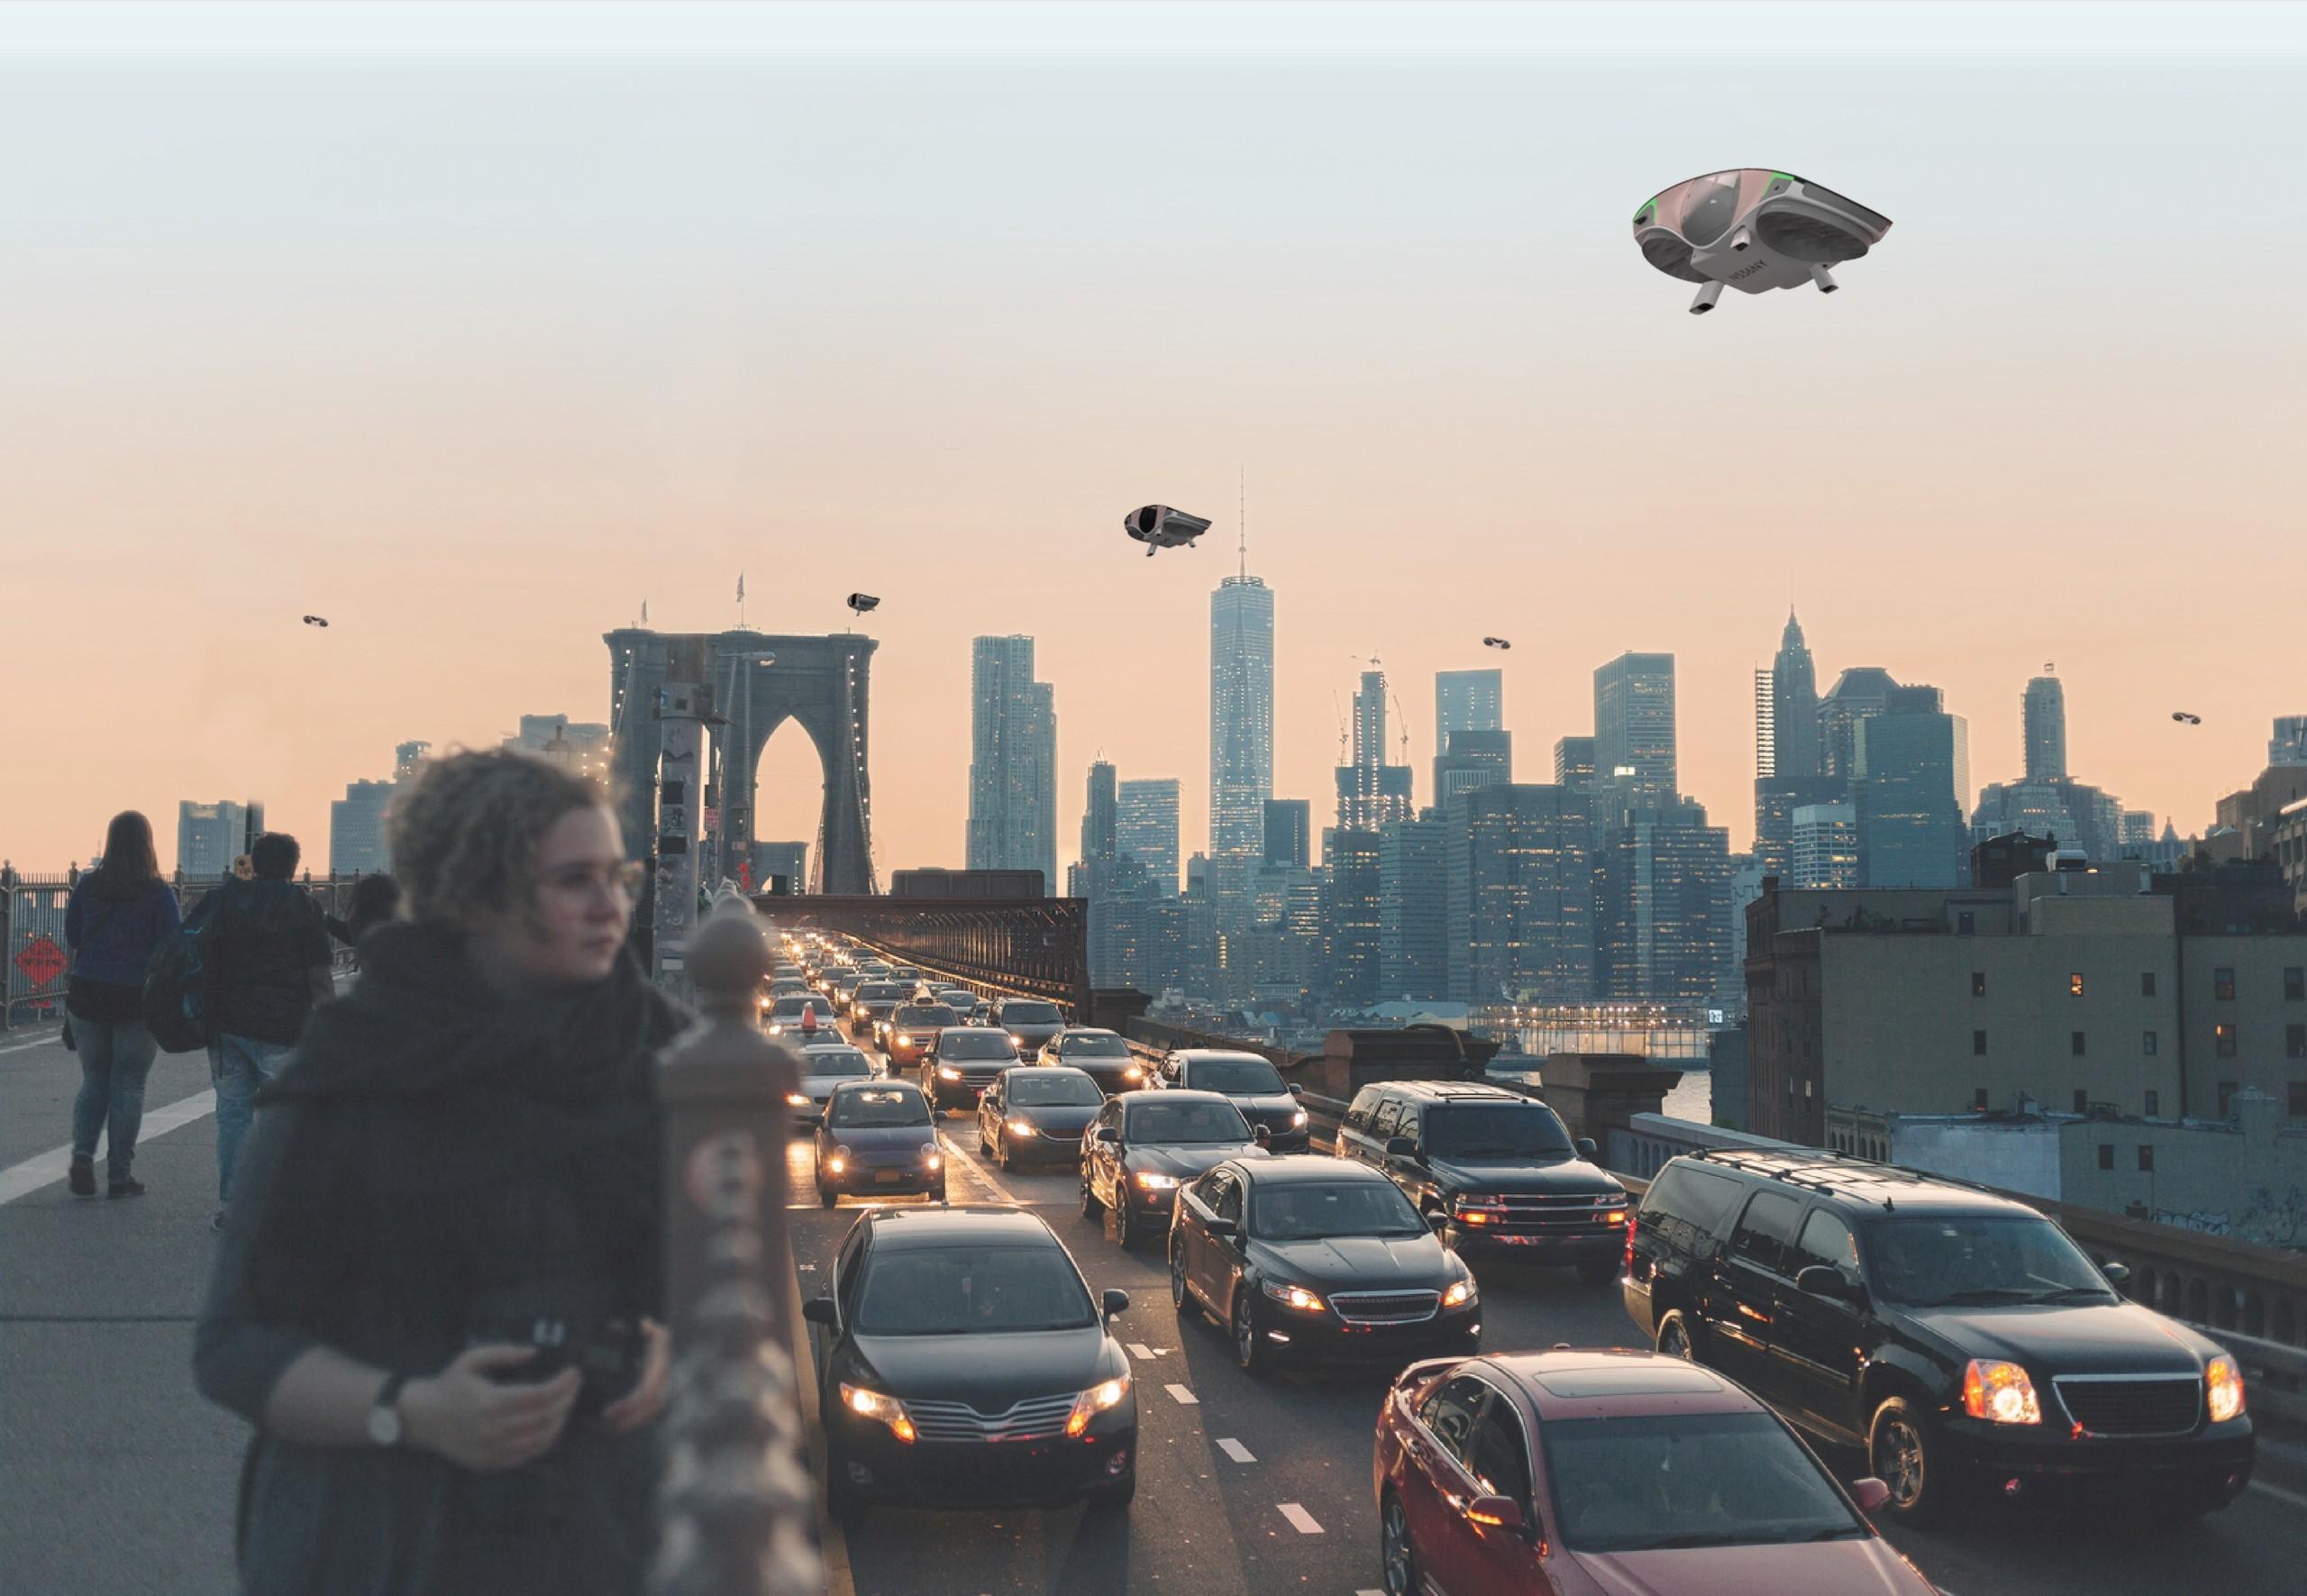 В ожидании воздушного Uber: водородный аэрокар CityHawk сменил дизайн